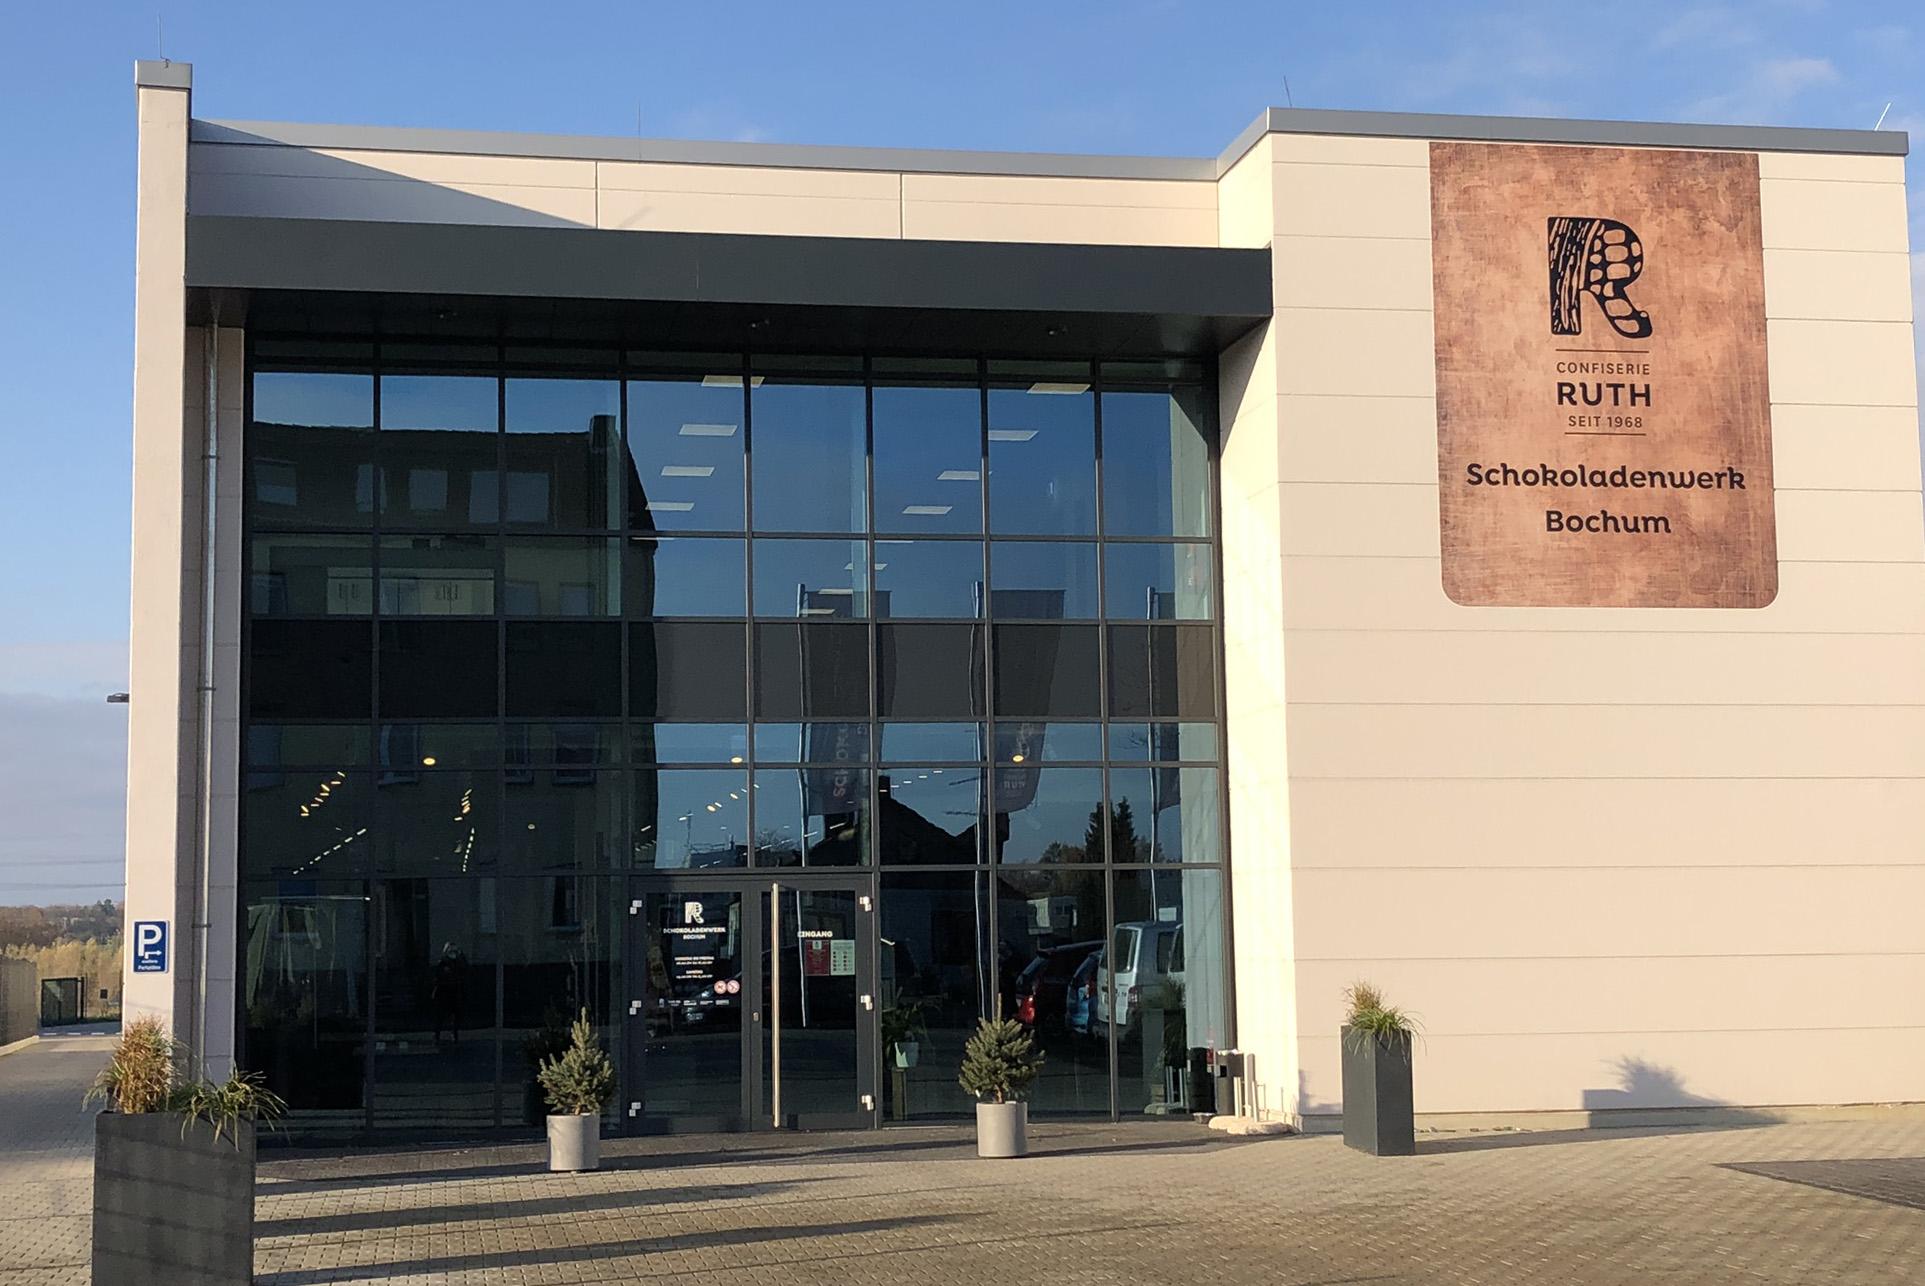 Das Schokoladenwerk Ruth in Bochum